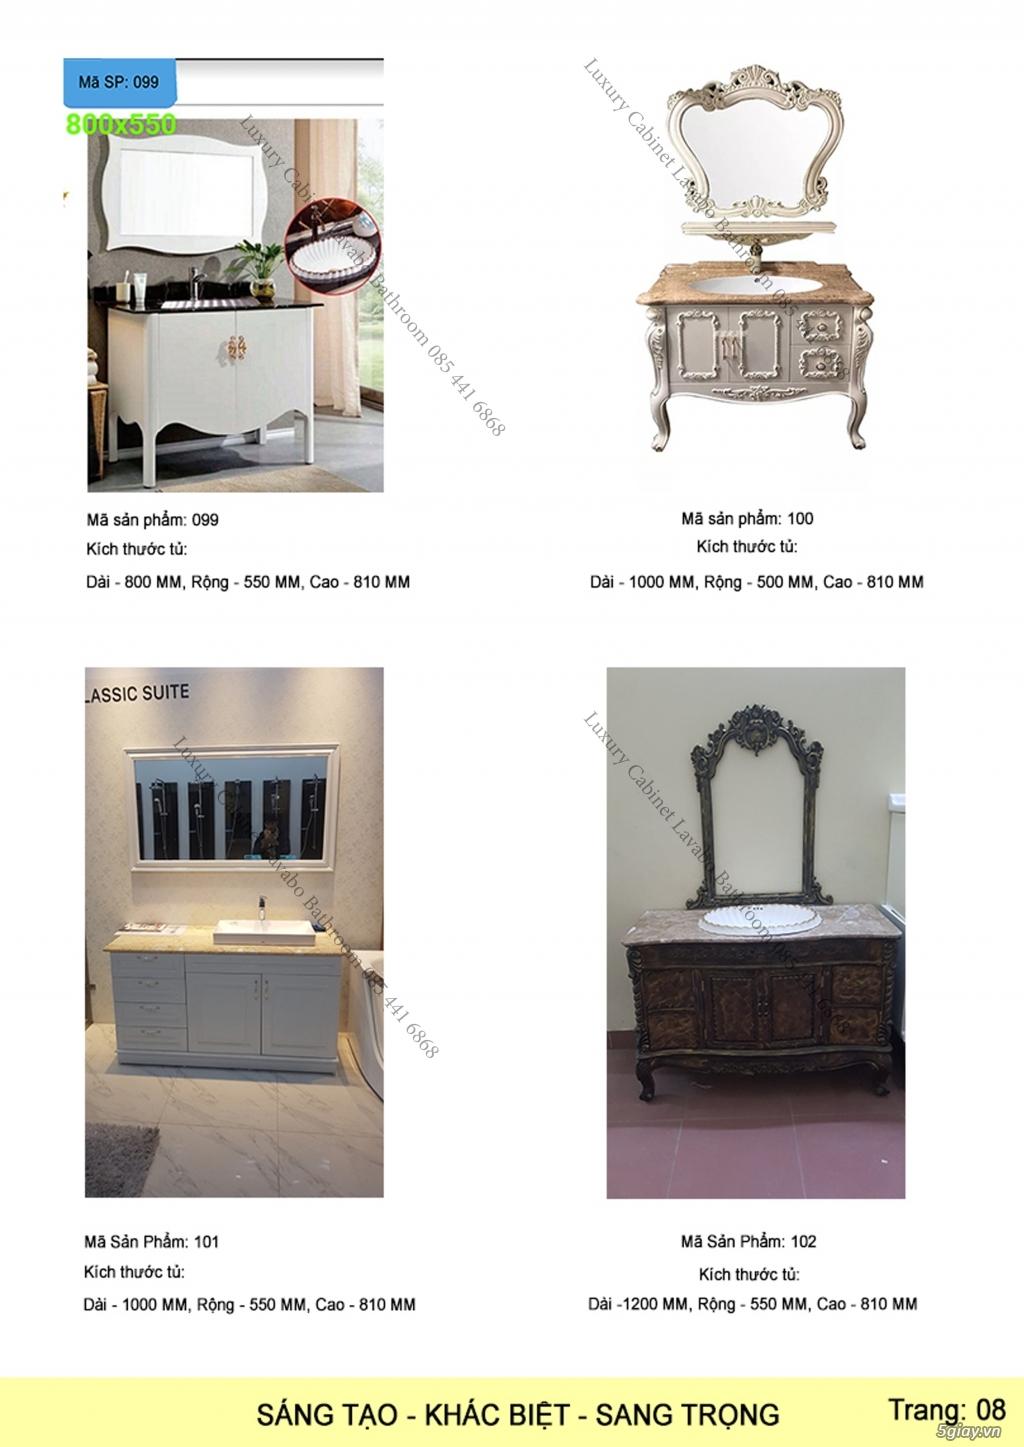 Bán tủ chậu lavabo tân cổ điển, hiện đại, tủ chậu mặt đá phòng tắm - 9